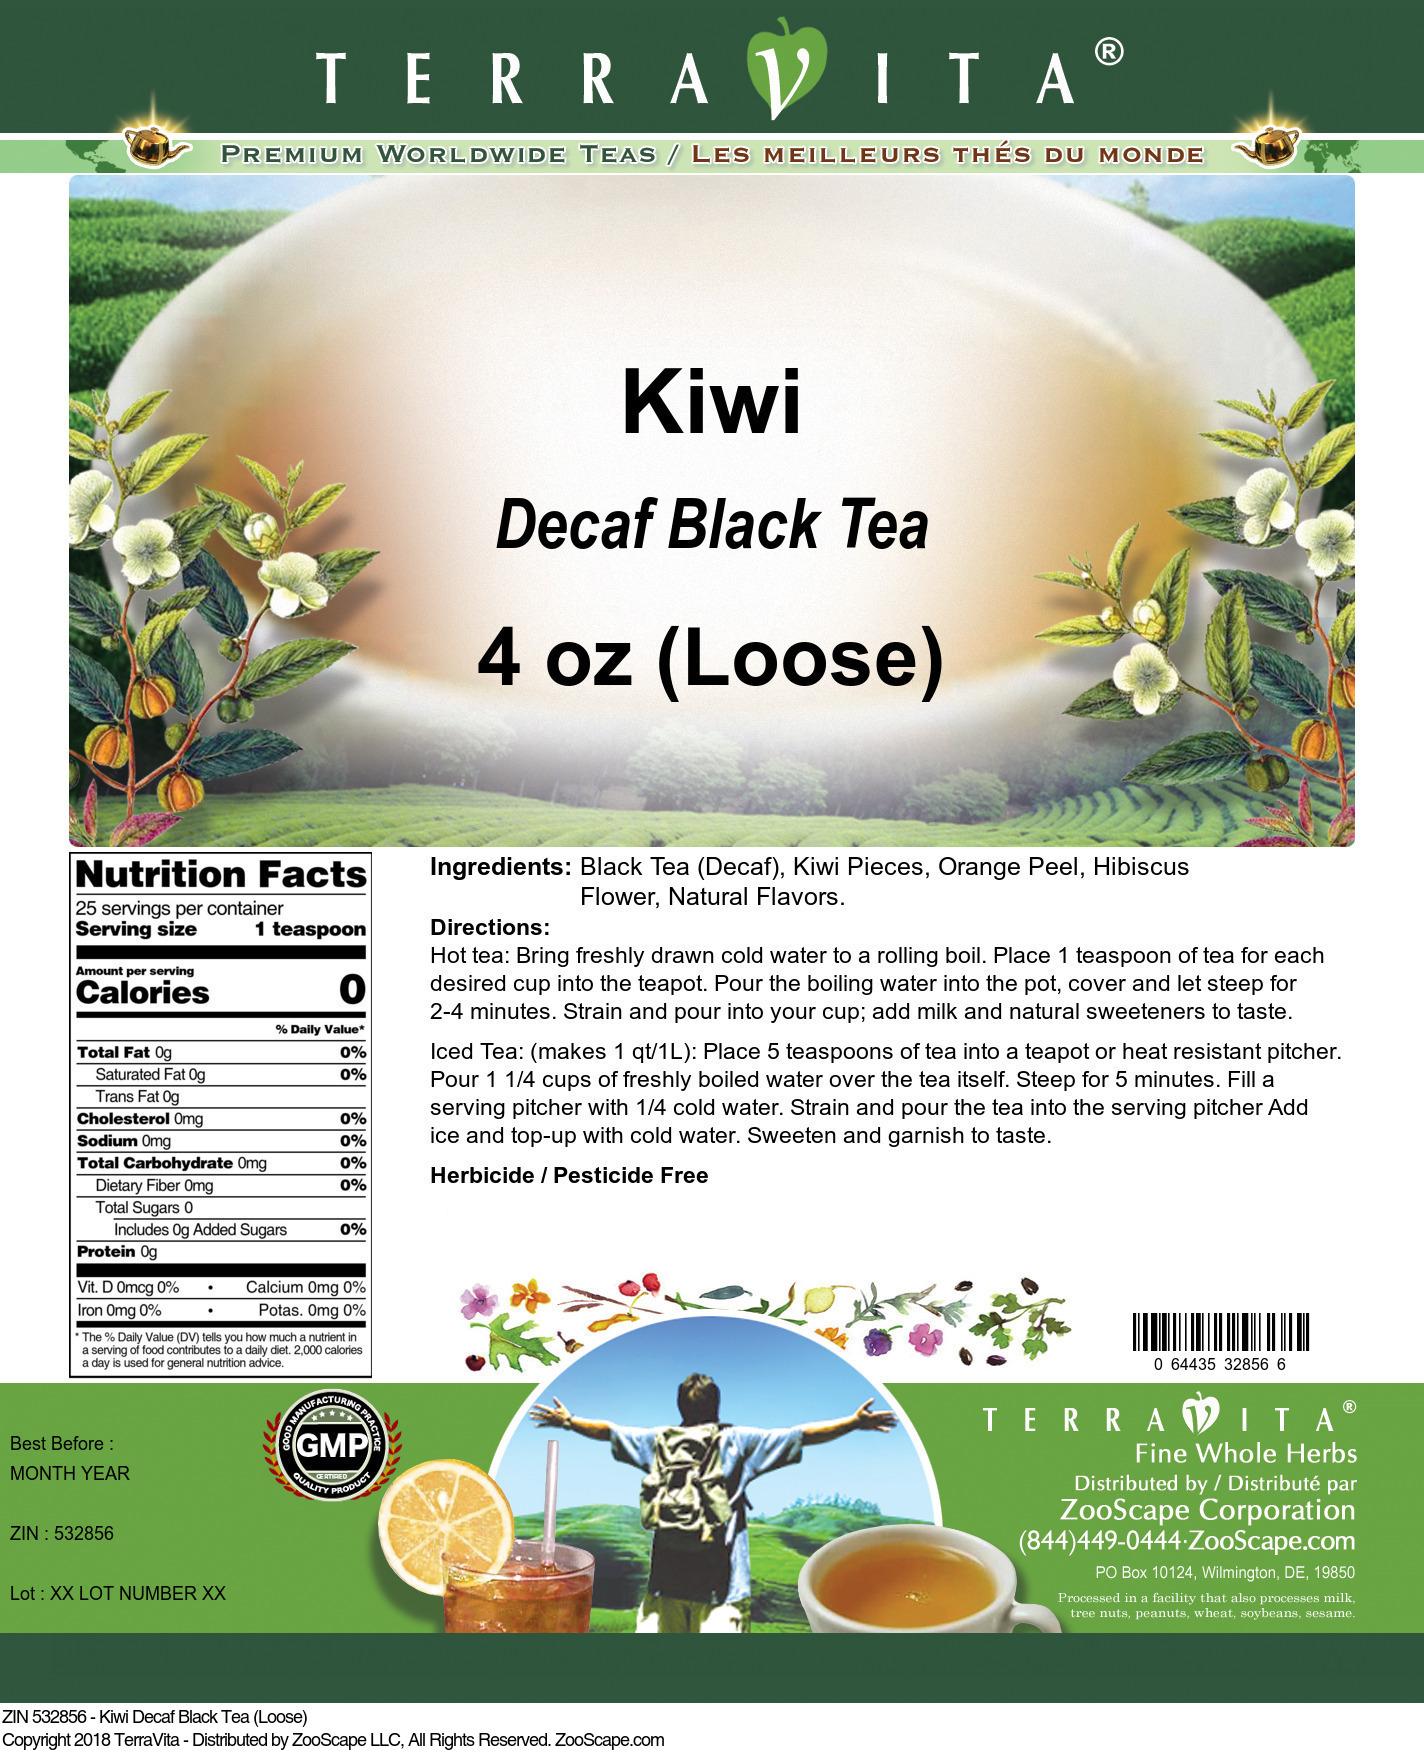 Kiwi Decaf Black Tea (Loose)